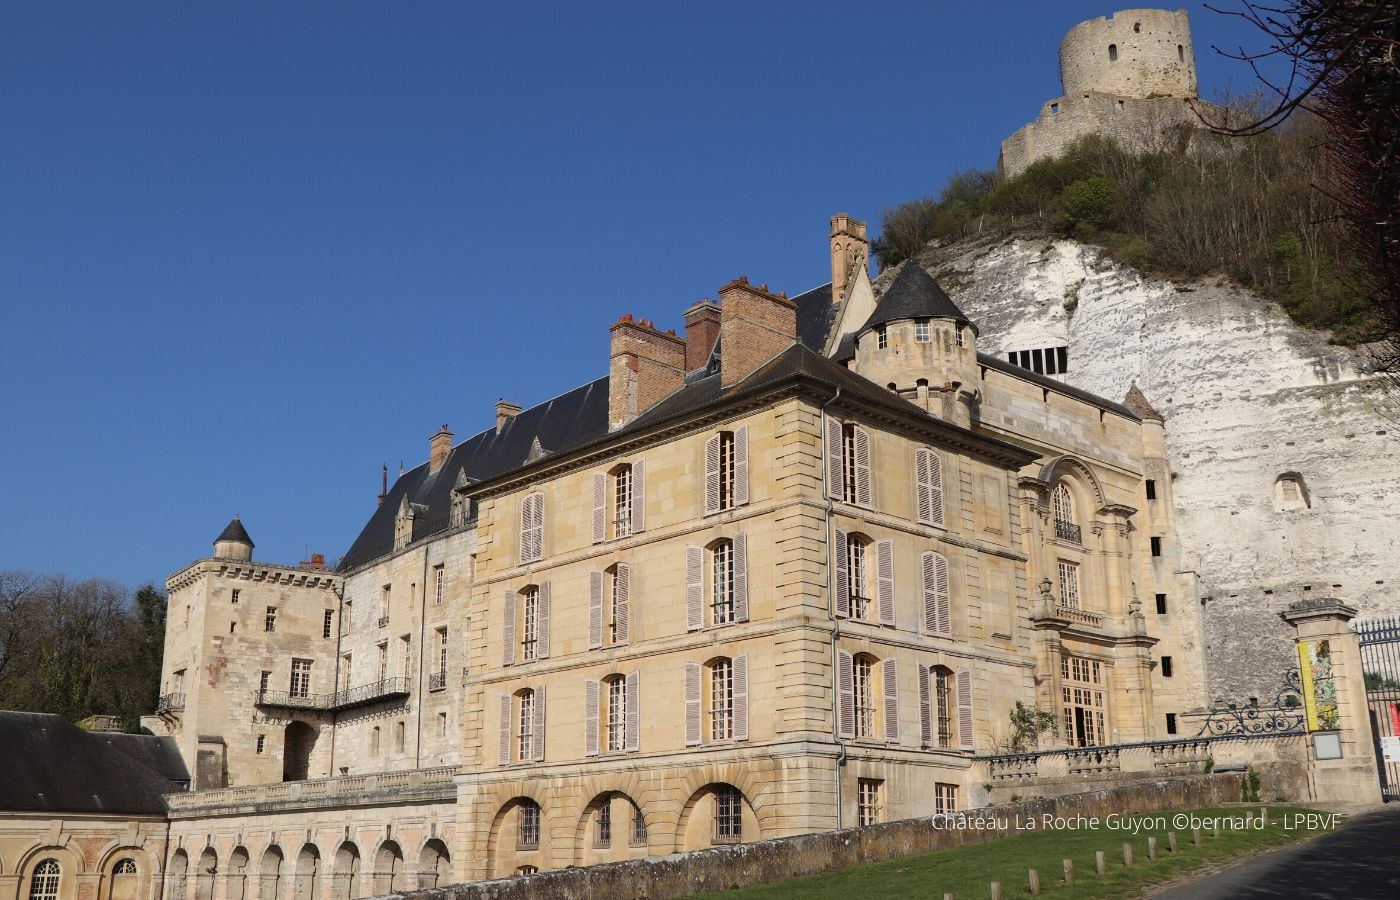 Séjour ou week end en amoureux Normandie - la Roche Guyon - 4 roues sous 1 parapluie